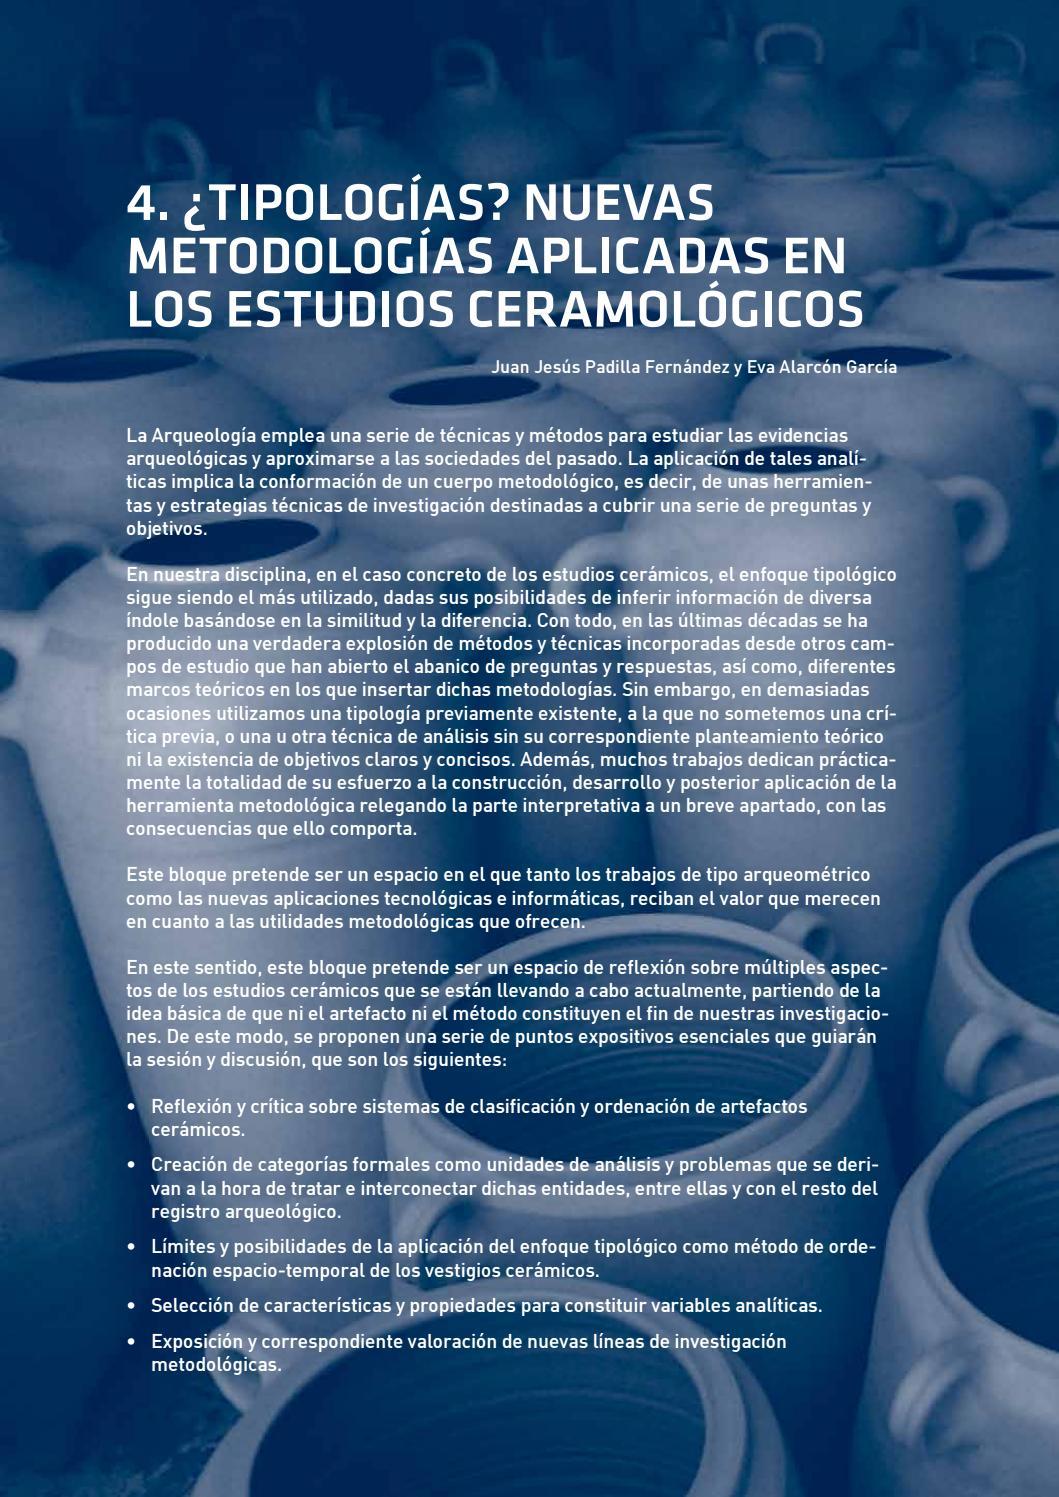 Monográfico Prehistoria AndalucíaBy De 04MengaRevista De Monográfico Monográfico Prehistoria De 04MengaRevista AndalucíaBy 04MengaRevista qzVMpULSG